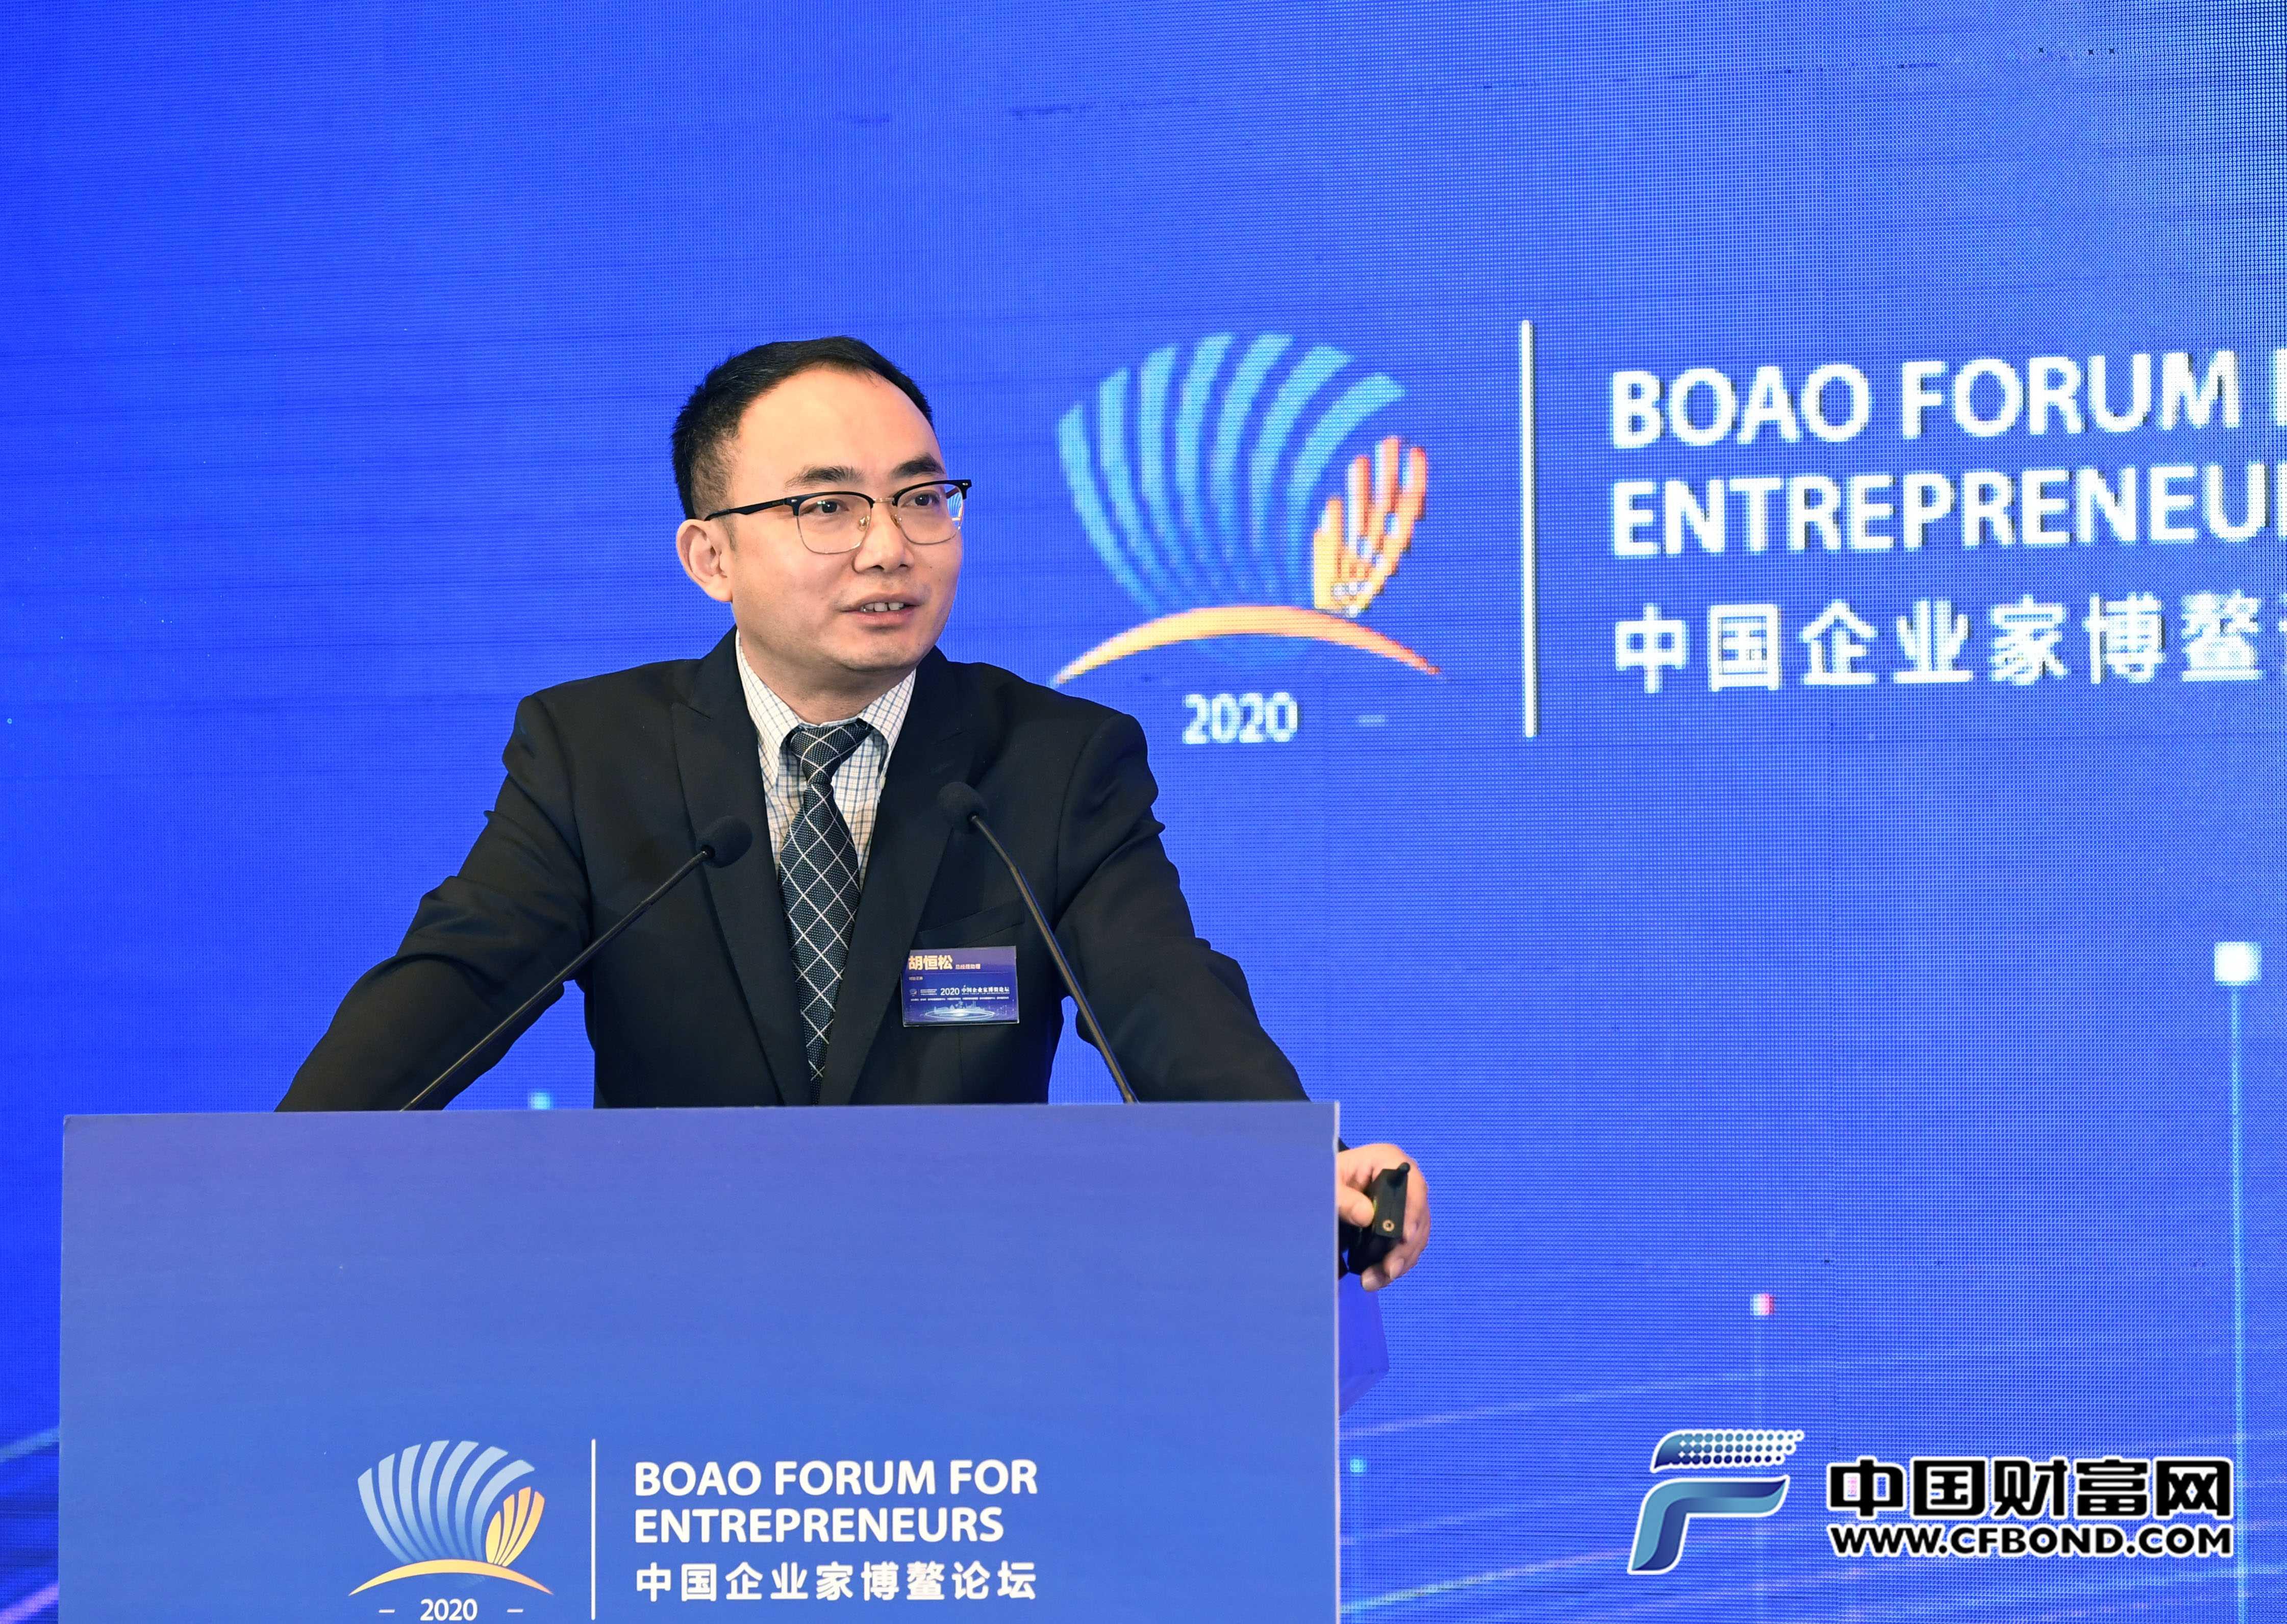 财达证券股份有限公司总经理助理、固定收益融资总部总经理胡恒松演讲